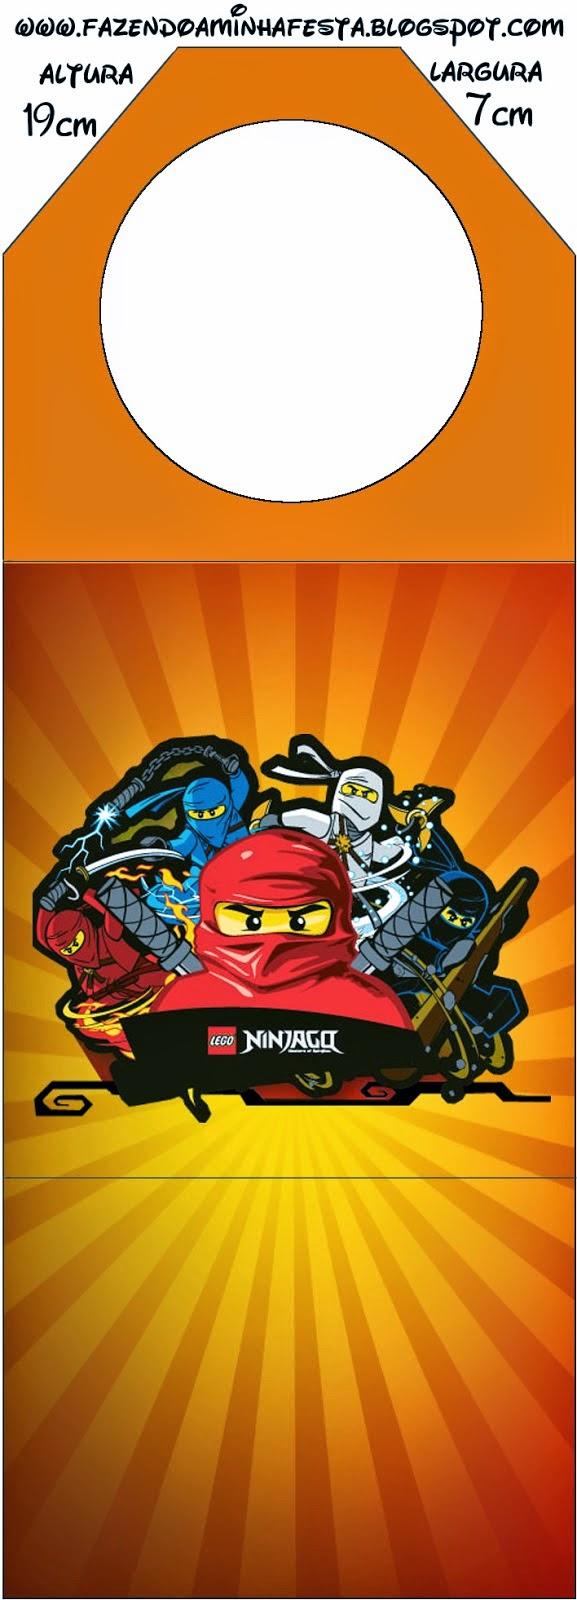 Para Marcapaginas de Ninjago.